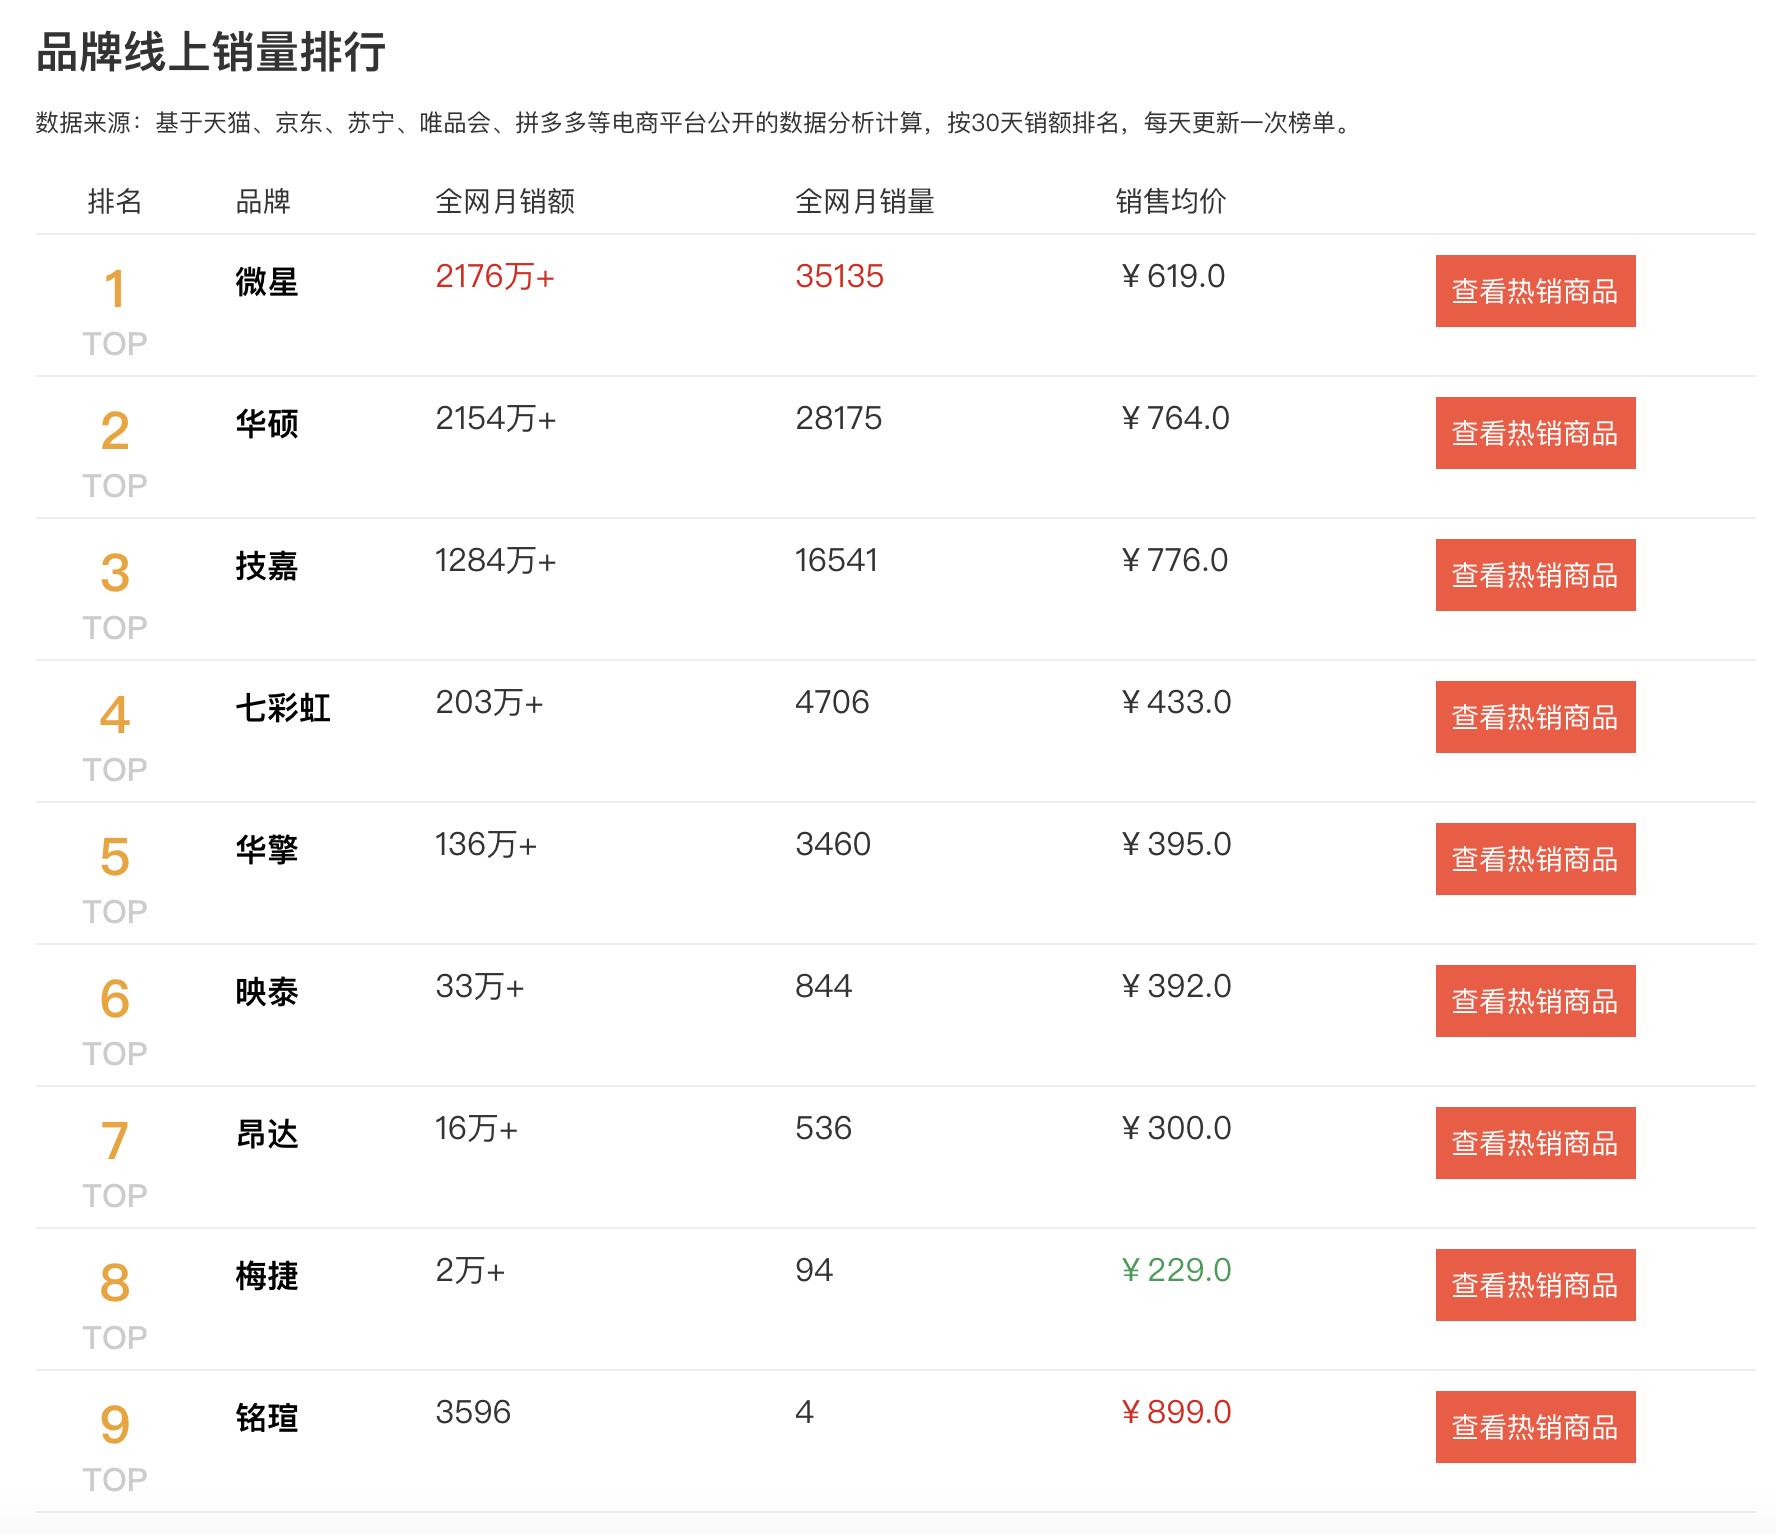 """2020主板销量排行榜:""""三巨头""""压力下,其余品牌夹缝中生存"""